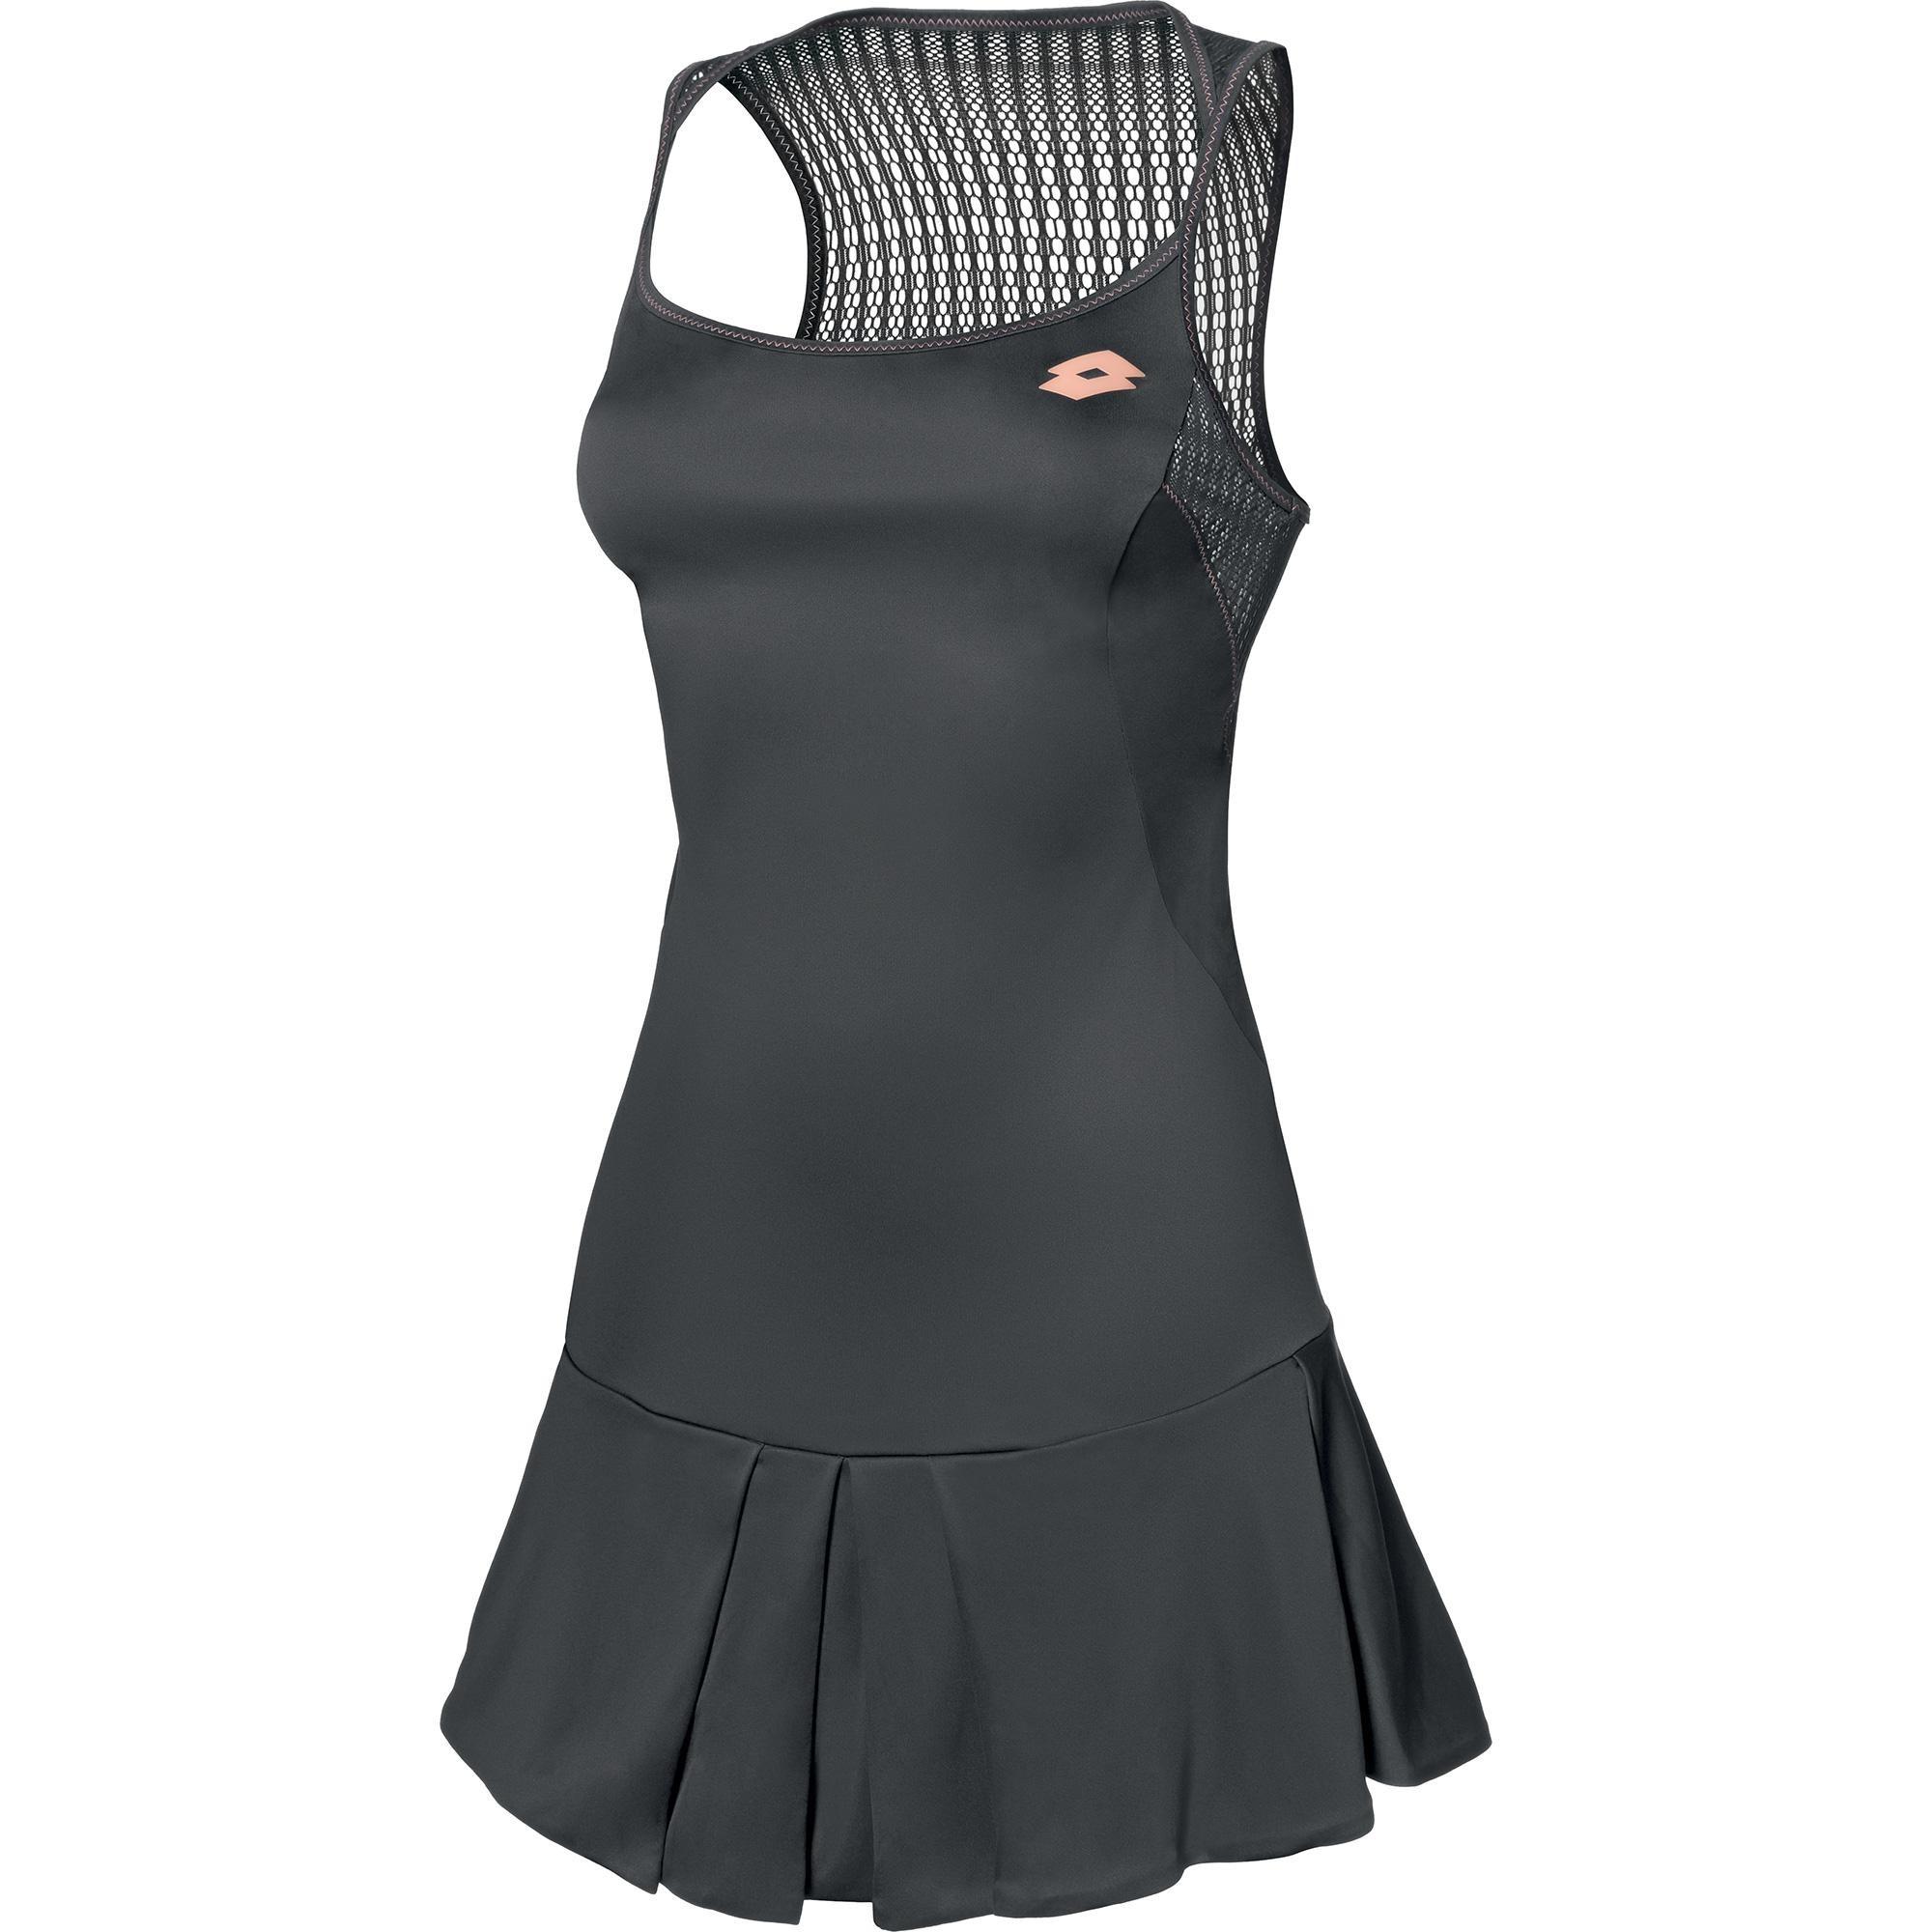 Sukienka tenisowa Lotto Nixia II Dress - grey shark - wyprzedaż!